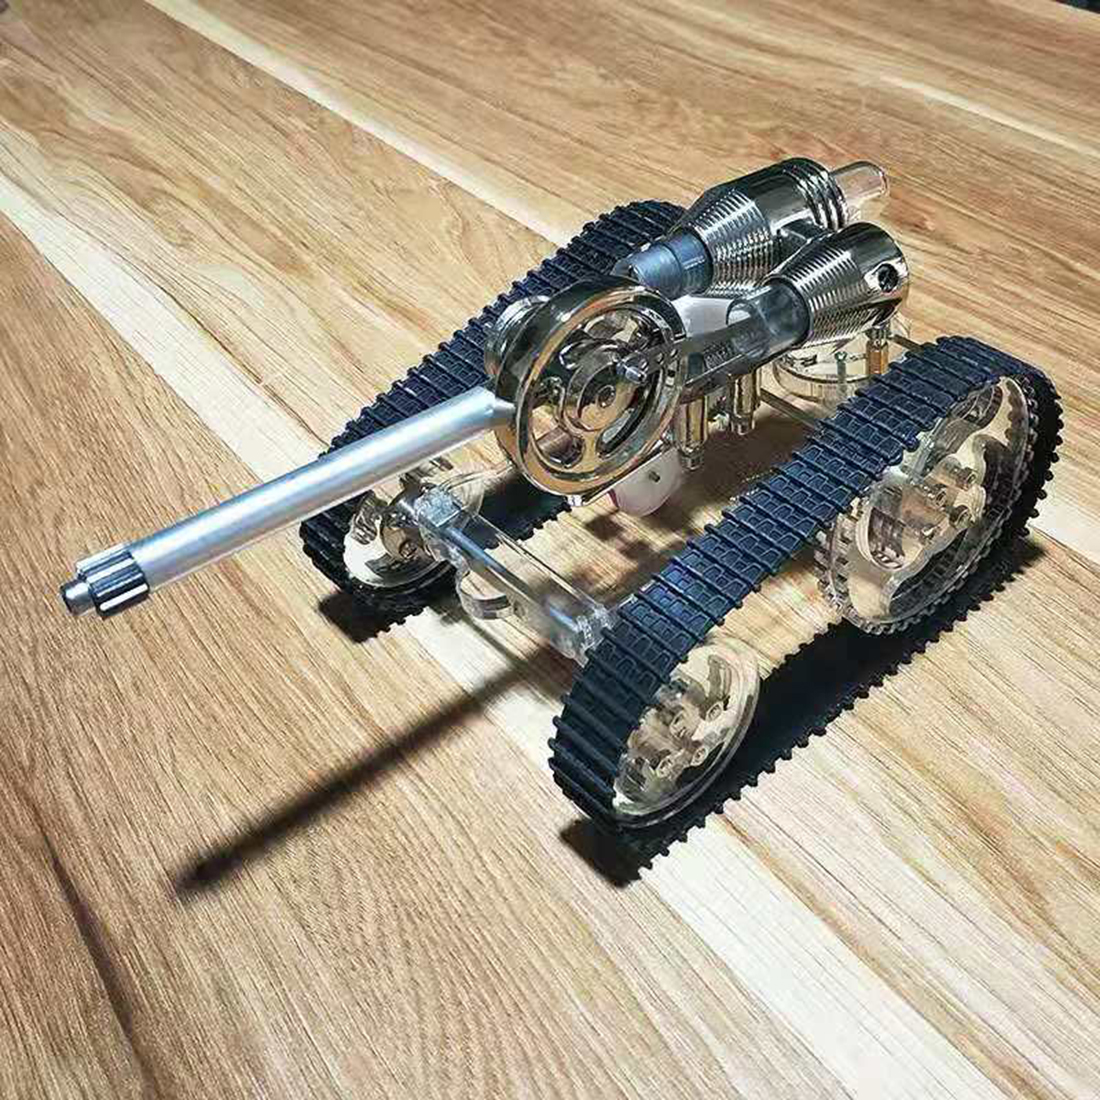 Tank Stirling Engine Model External Combustion Engine